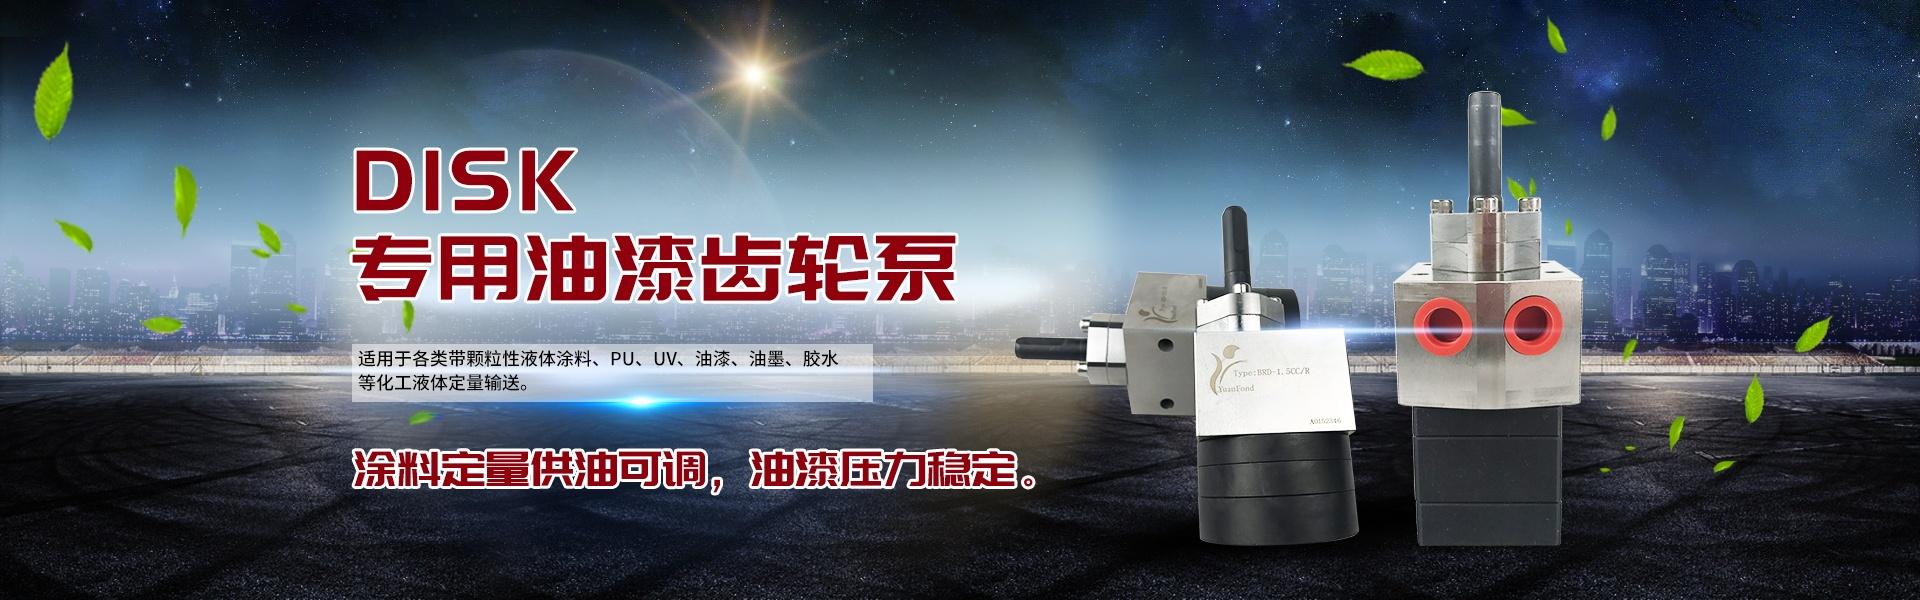 肇庆市百瑞德机械配件有限公司专业生产喷漆齿轮泵、静电自动喷头、水性静电喷漆泵、水性漆泵、点胶泵等产品